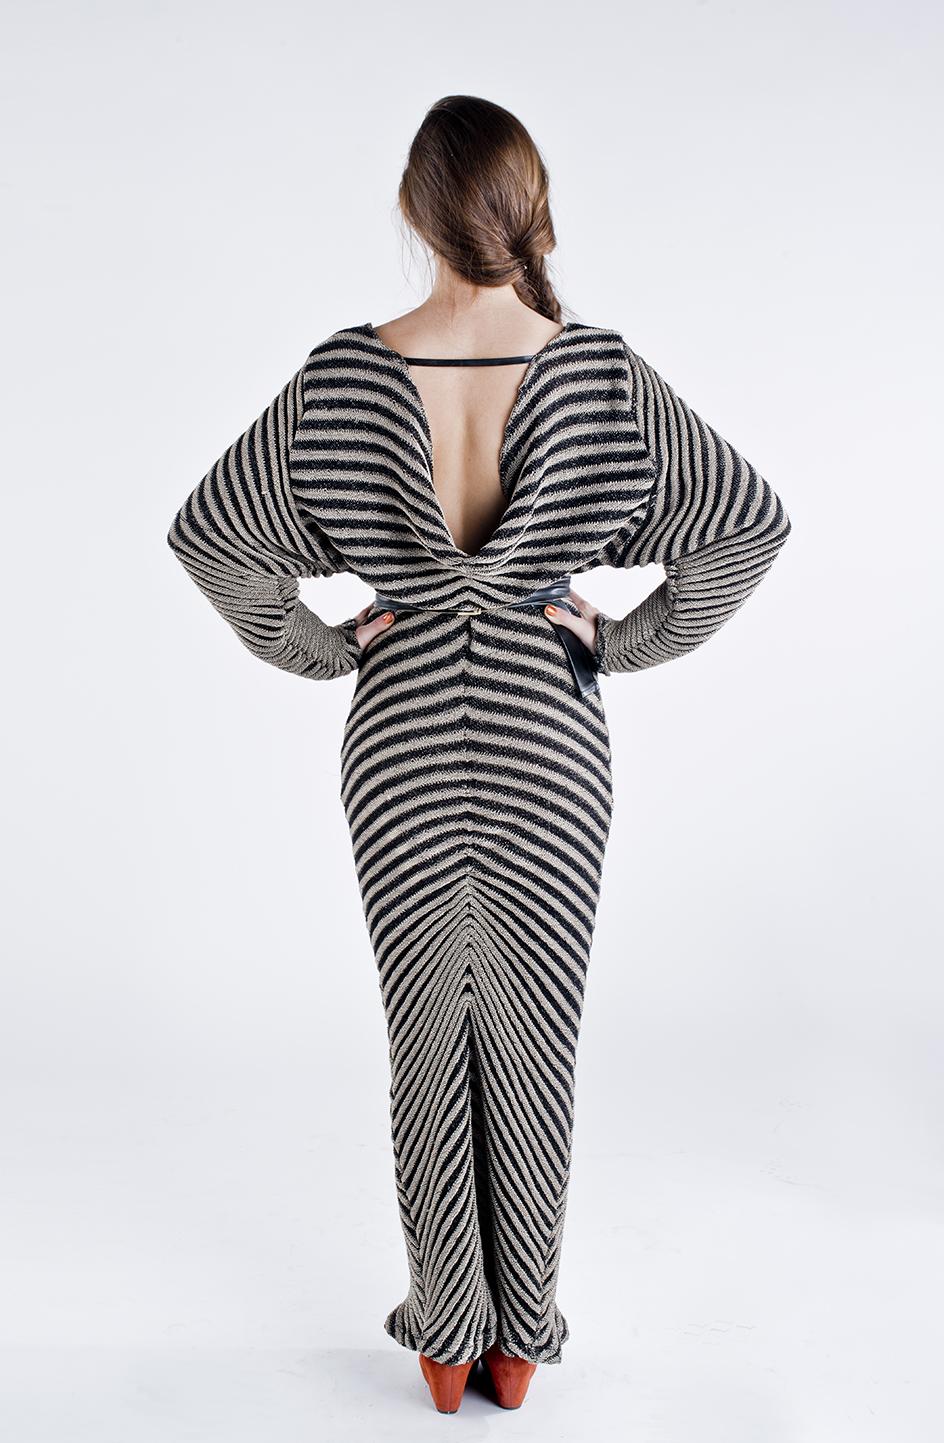 highline_dress_014_DSC6389.jpg